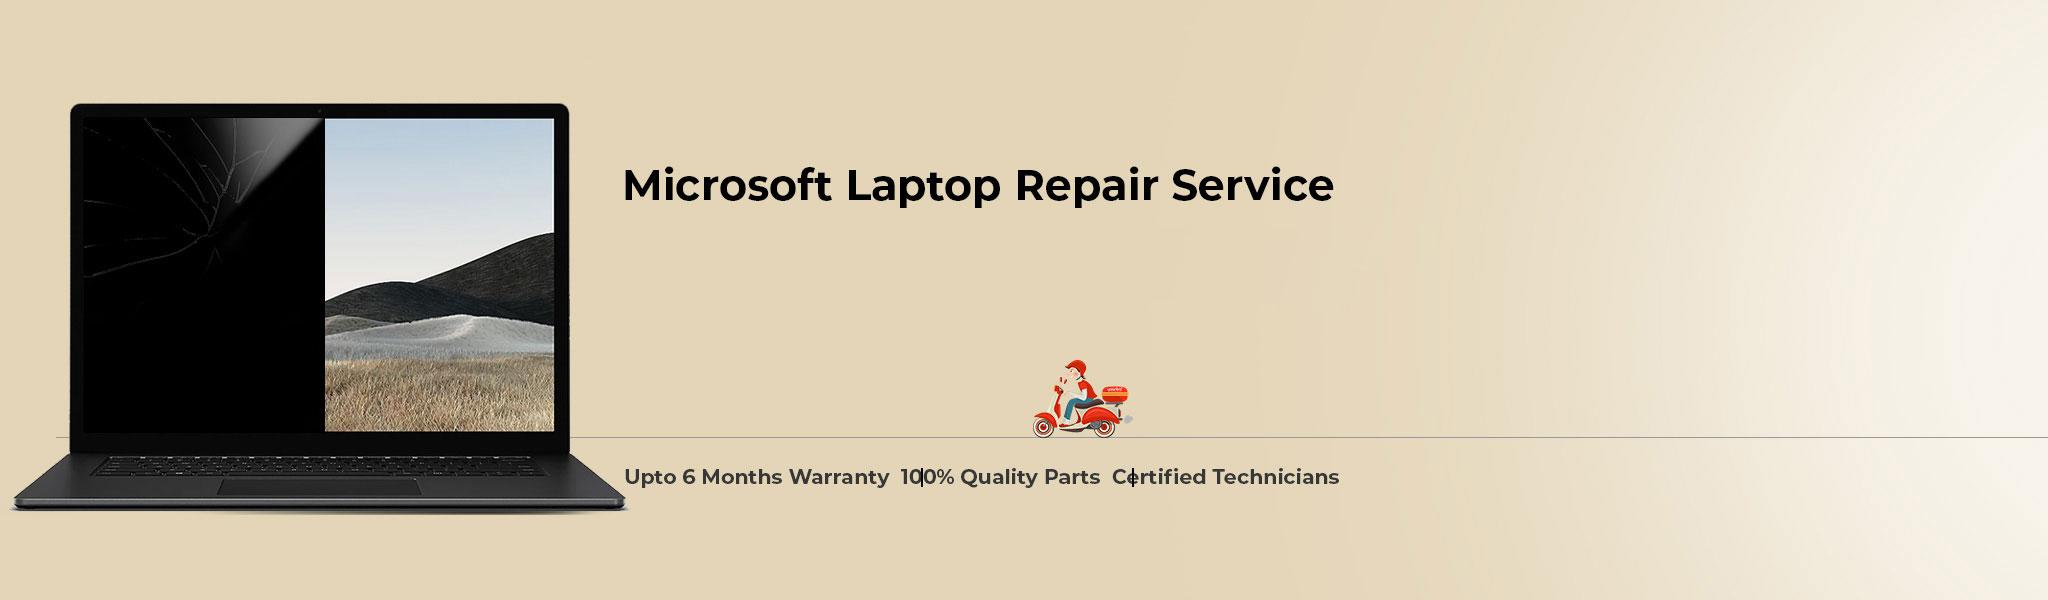 microsoft-laptop-repair.jpg